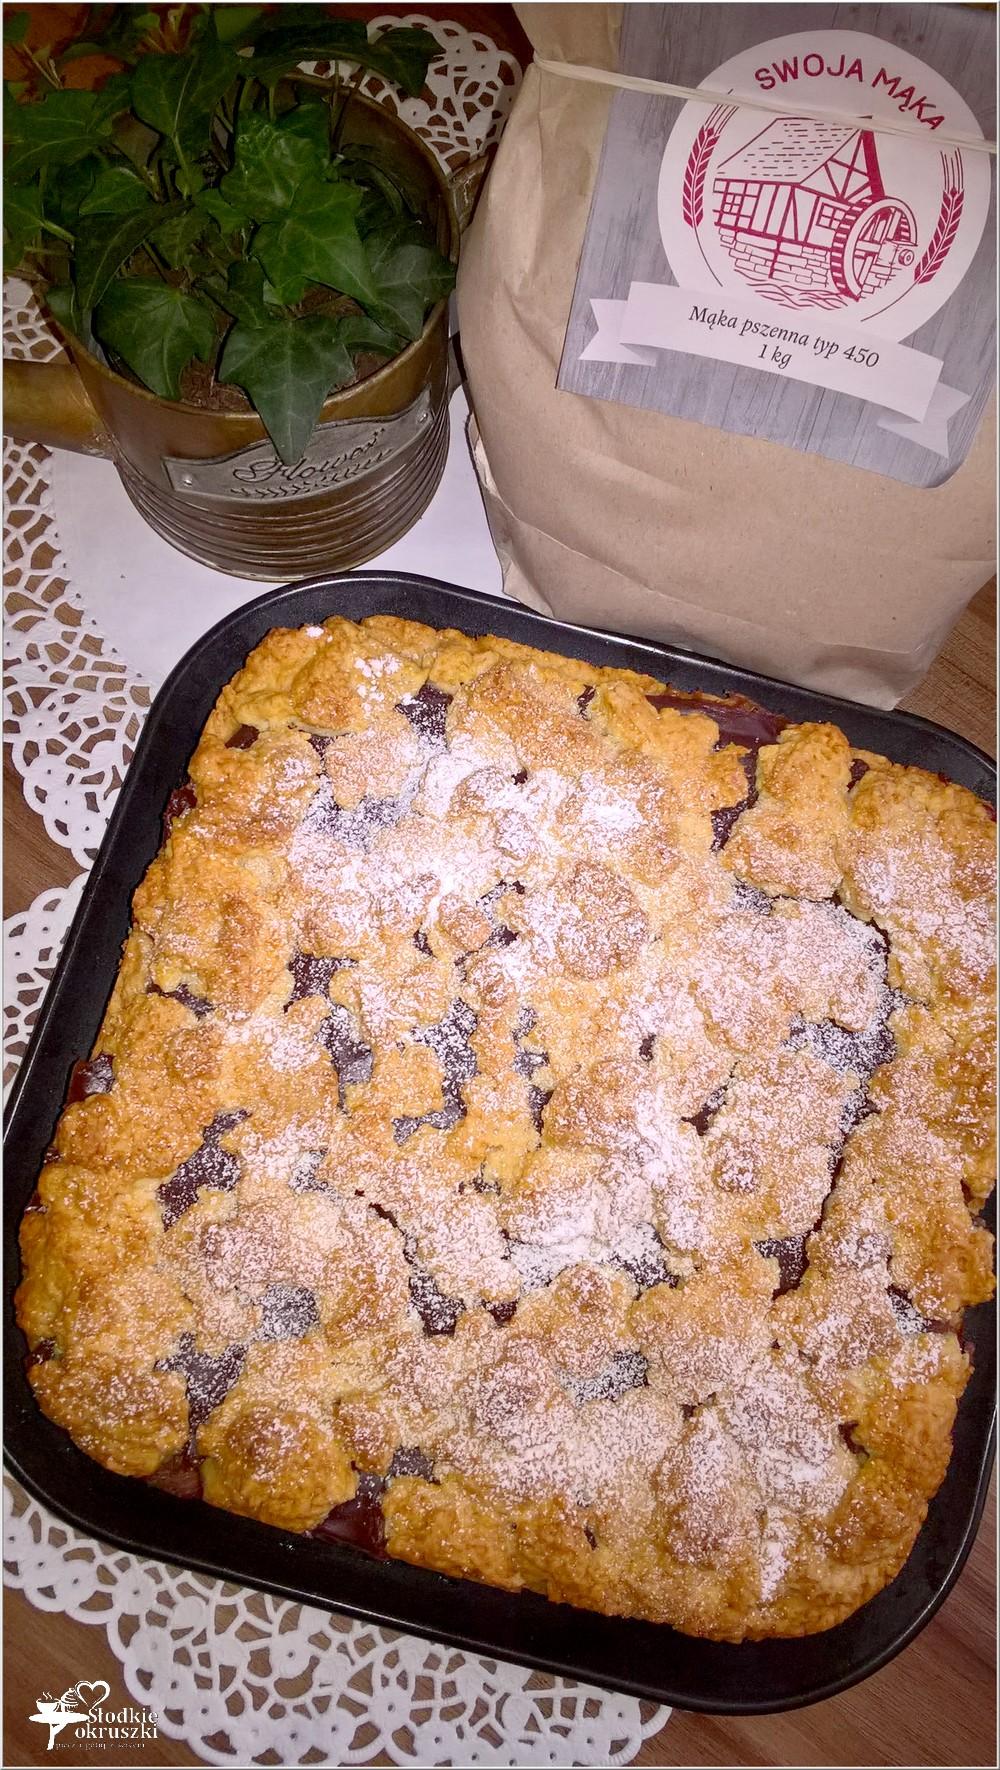 Kruche ciasto z czekoladowym wnętrzem (3)